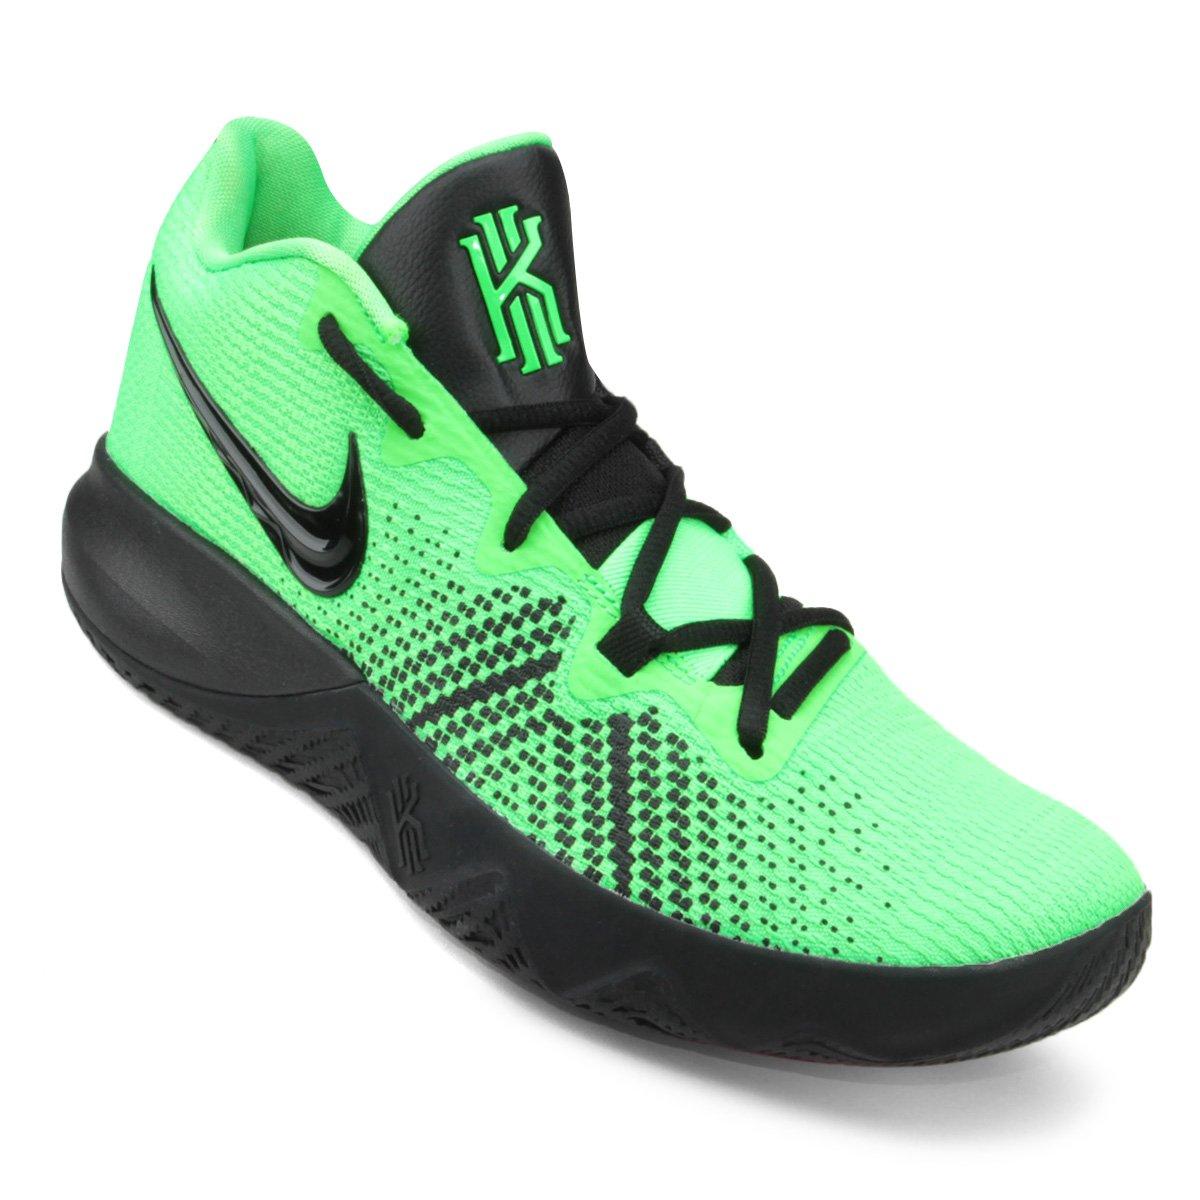 80d7387e01f Tênis Nike Kyrie Flytrap Masculino - Verde e Preto - Compre Agora ...